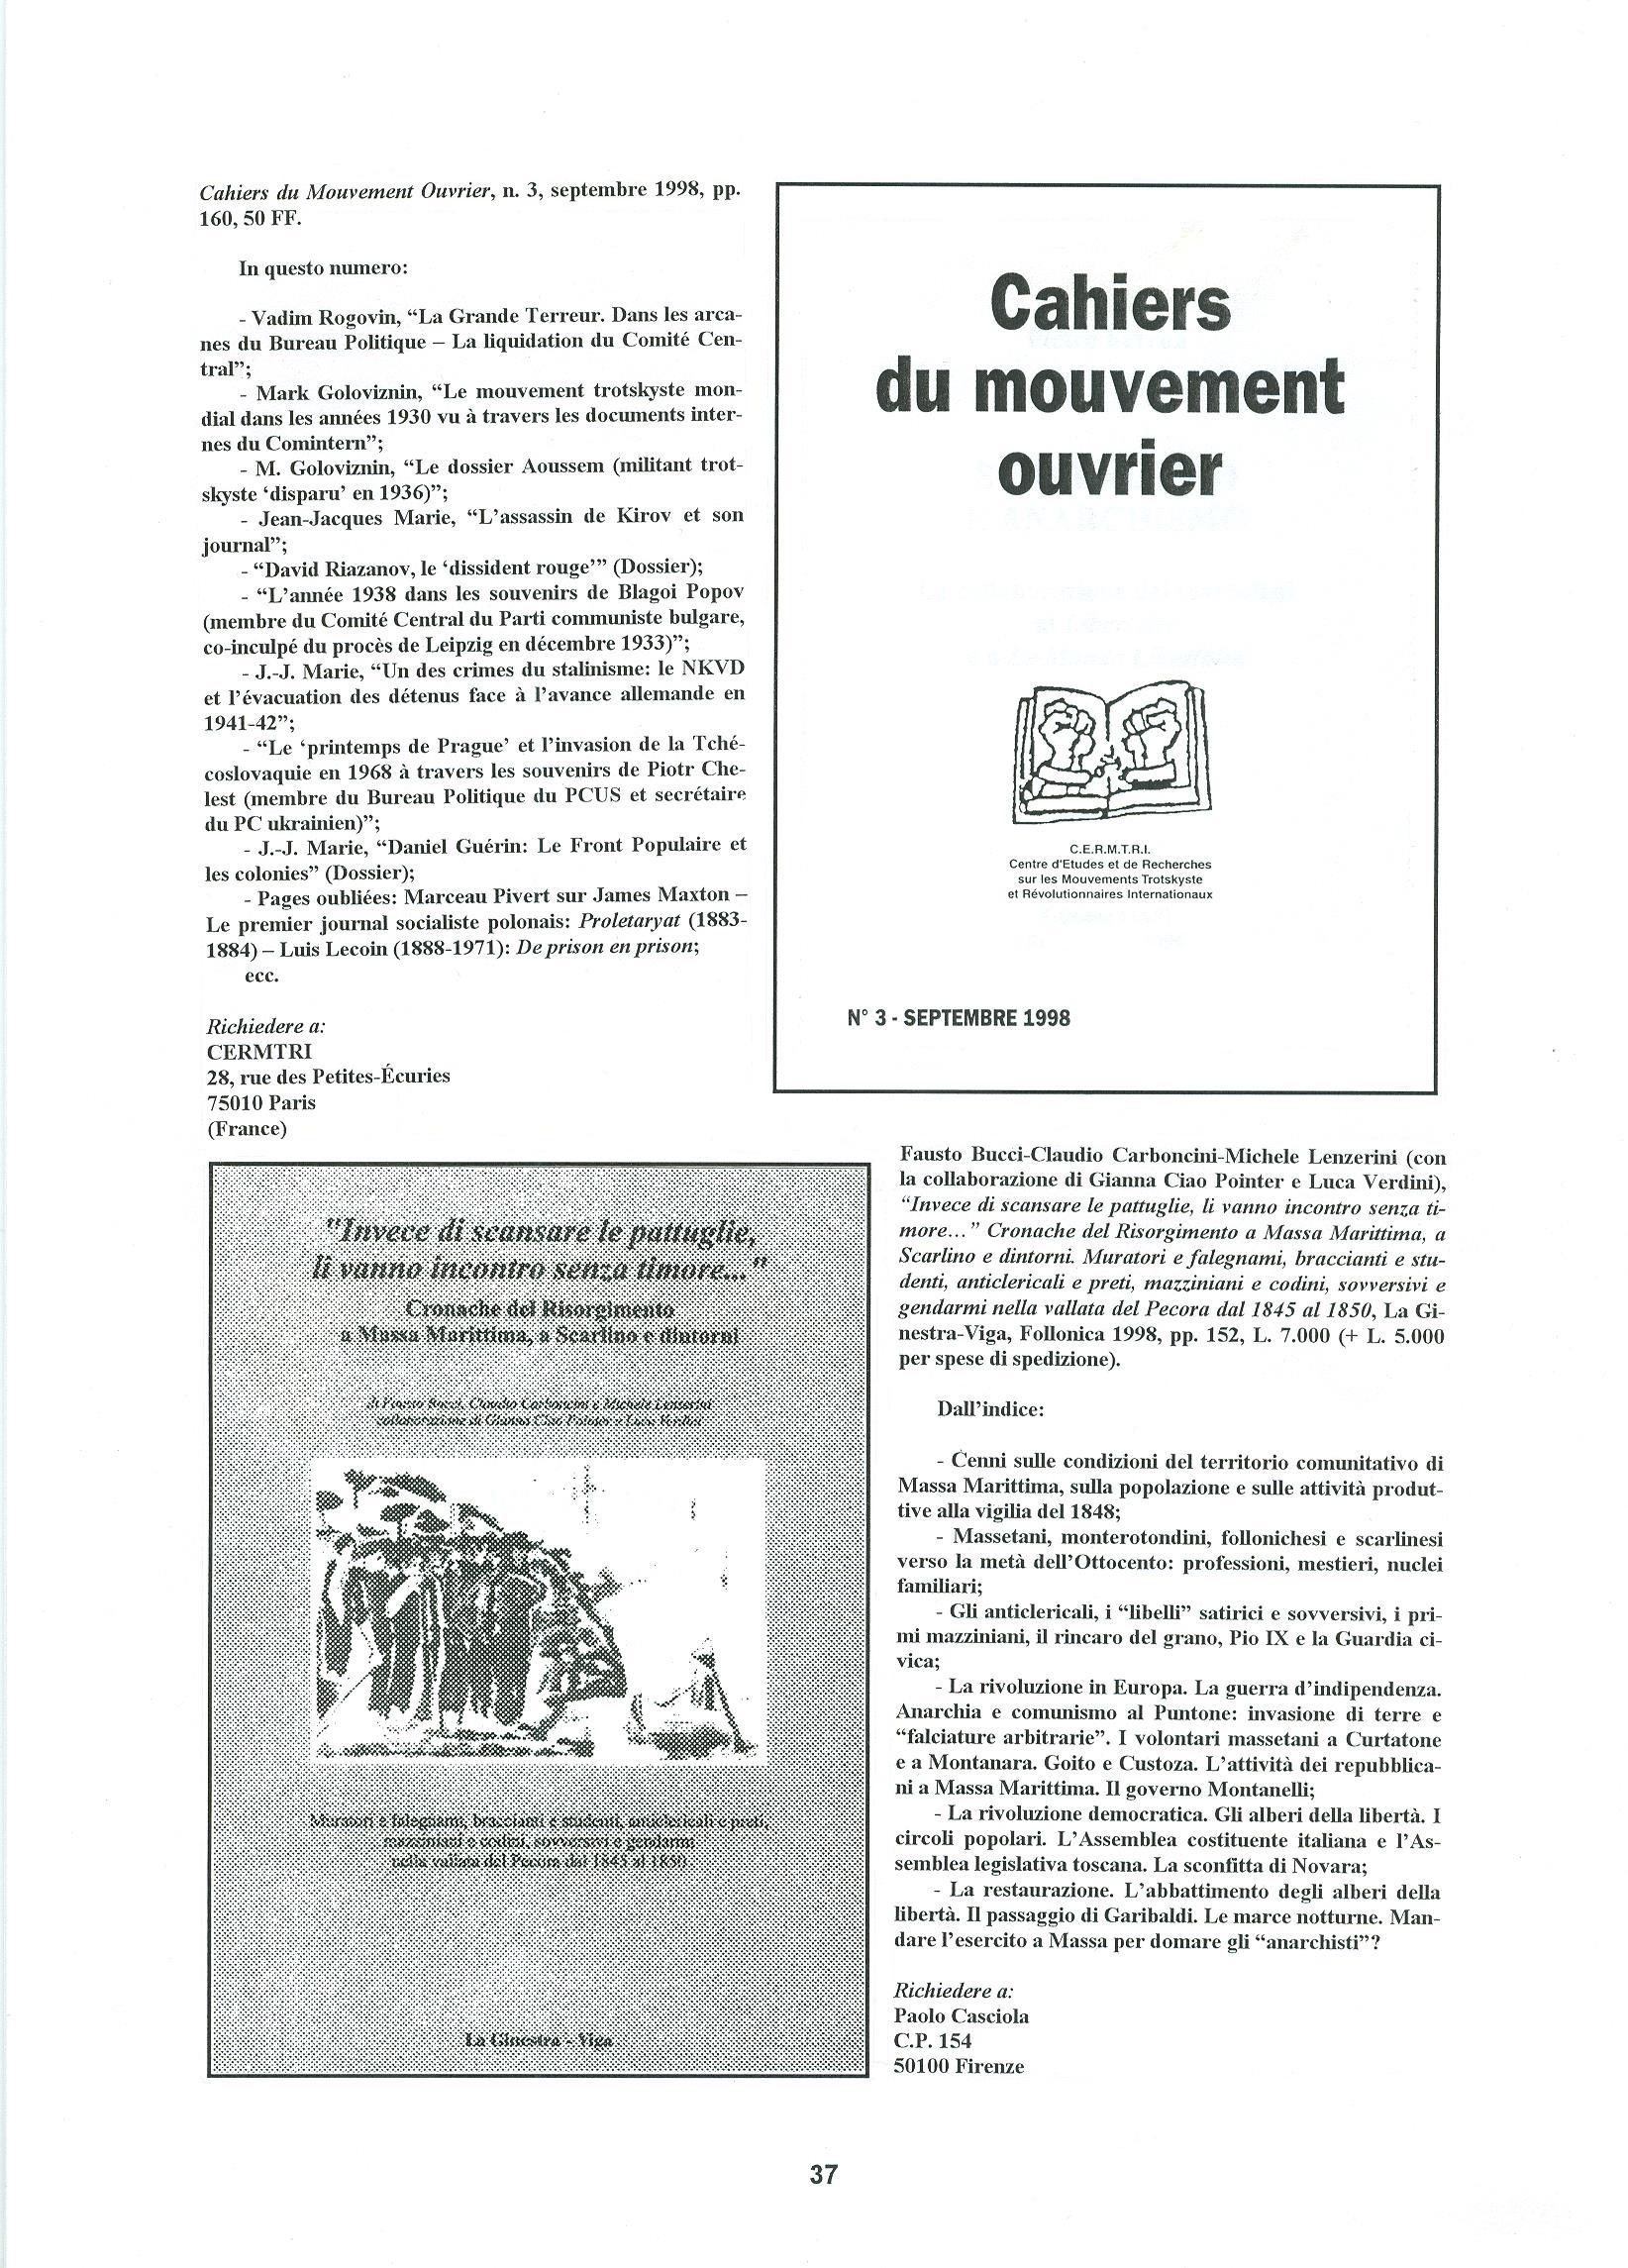 Quaderni del Centro Studi Pietro Tresso (1996-2009) n. 14 (novembre 1998) - pag. 38